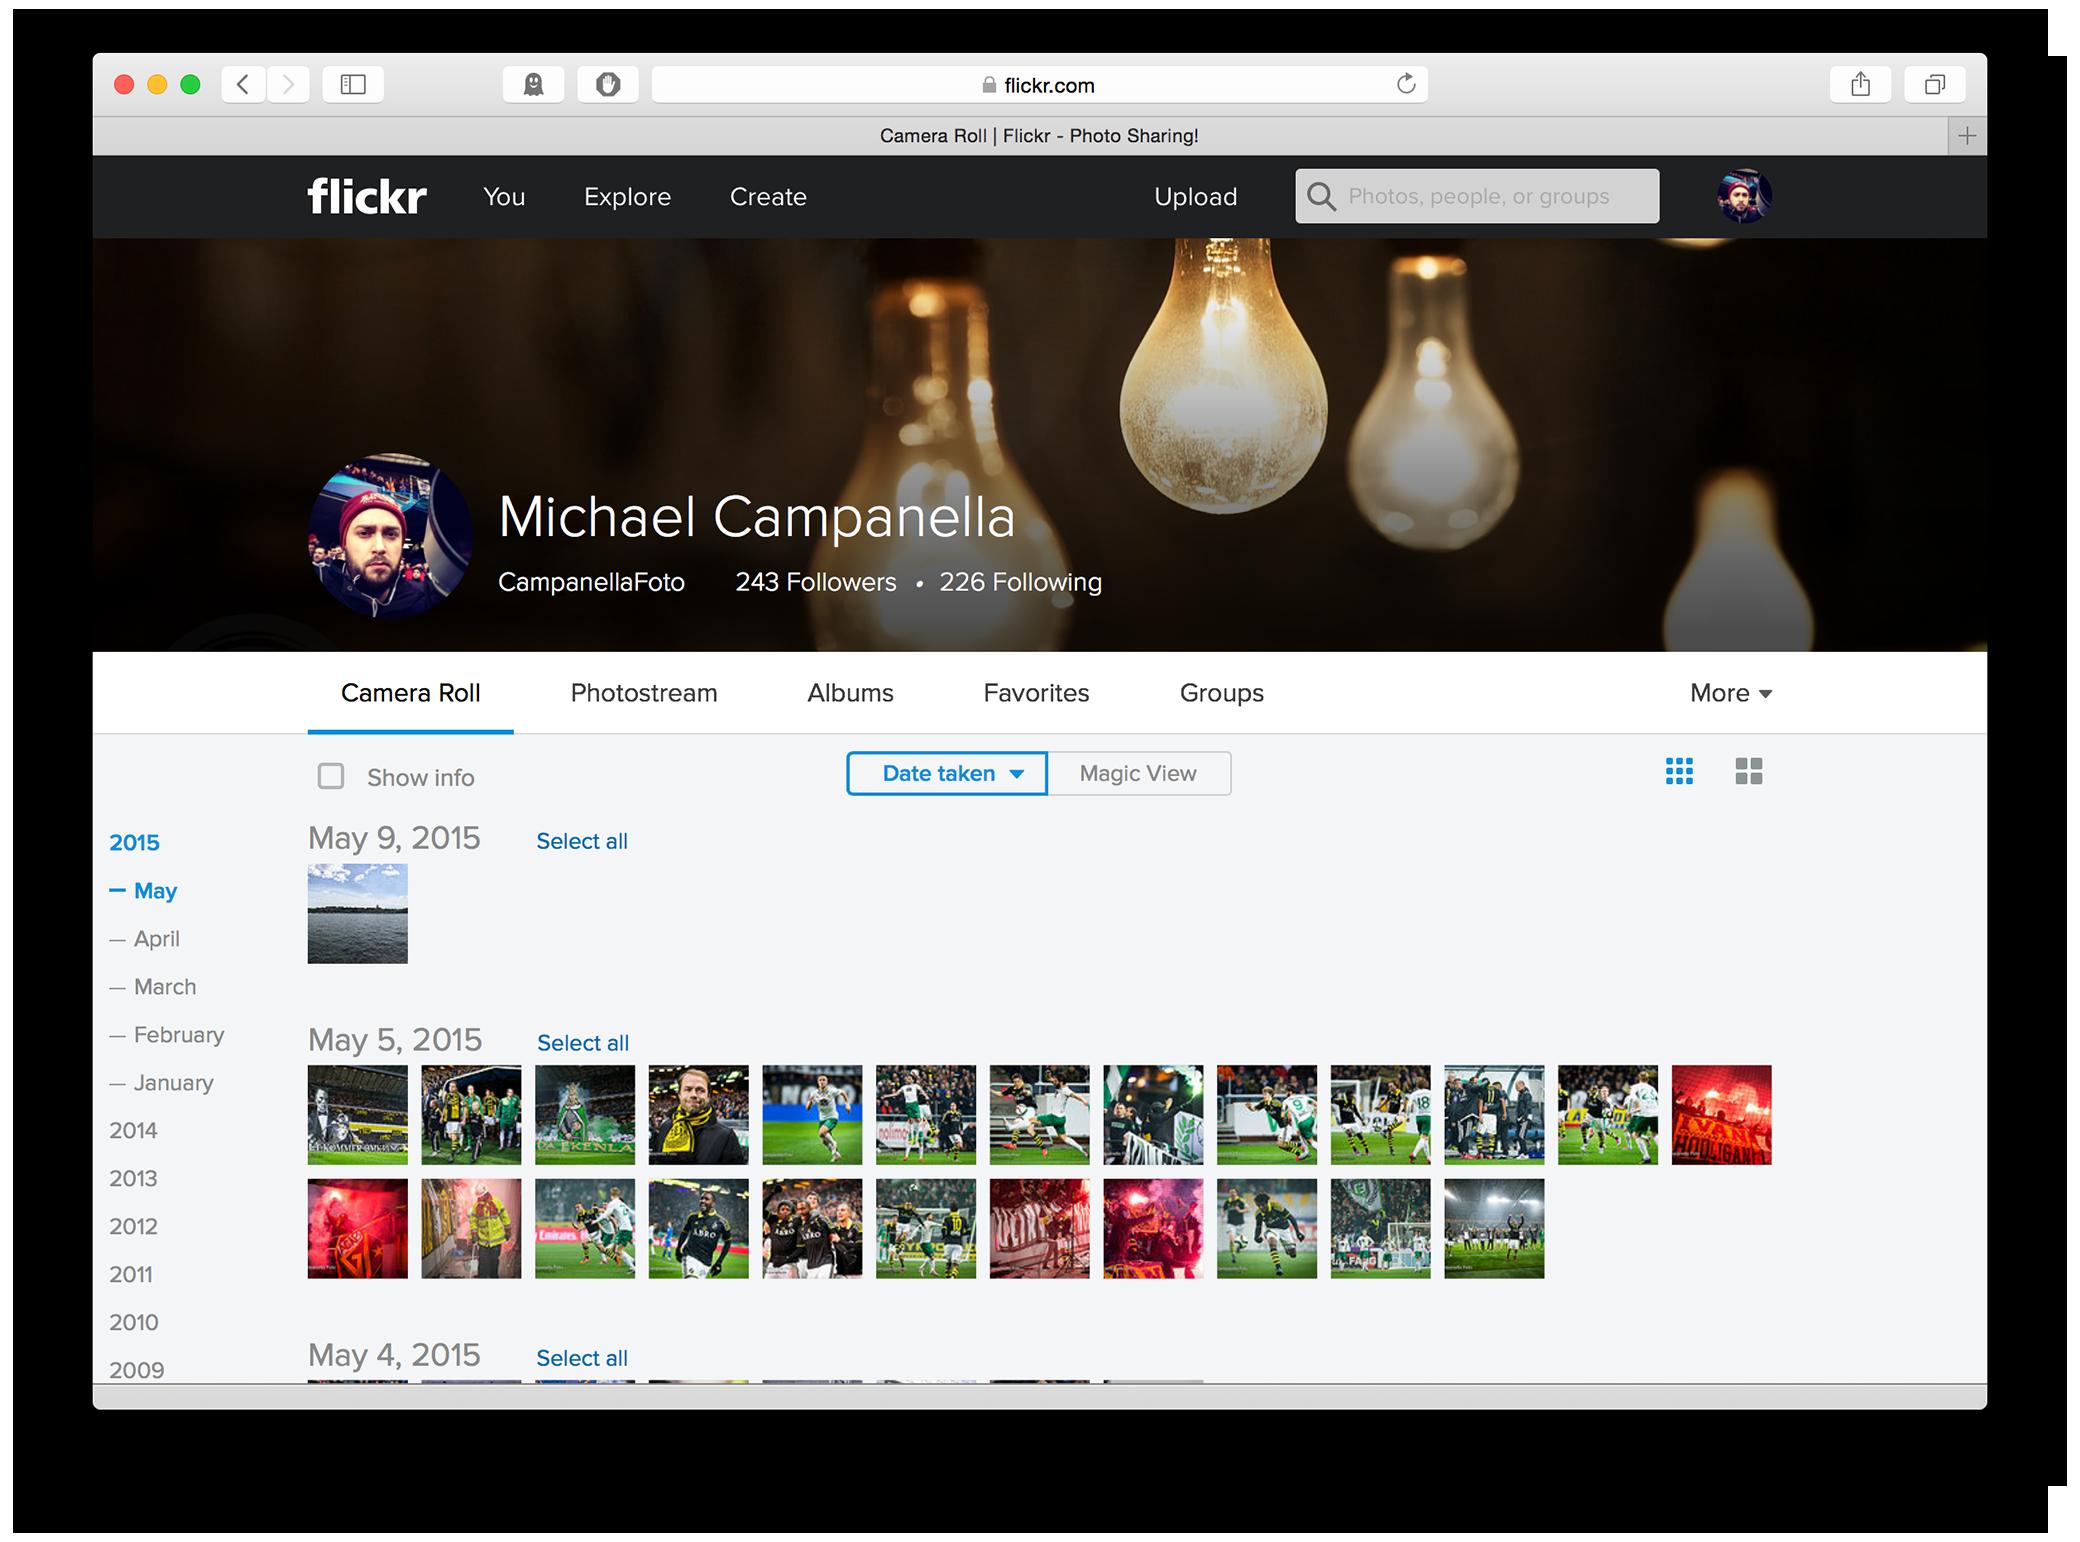 Flickr 4.0 - Camera Roll